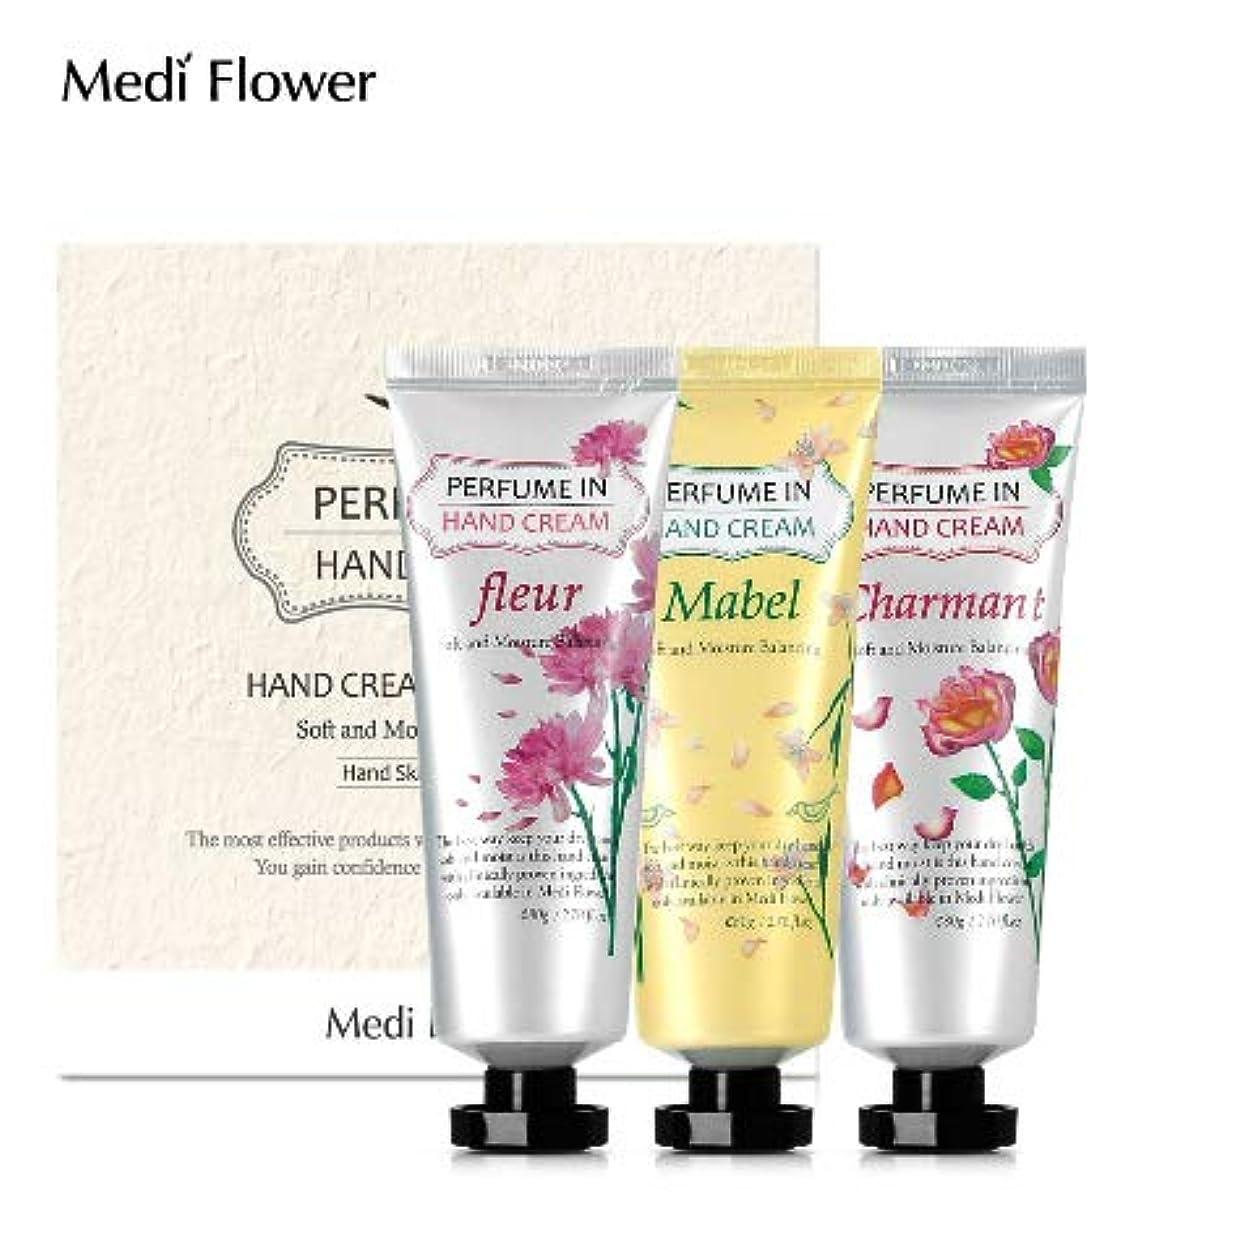 ずんぐりした容器スキャンダラス[MediFlower] パフュームインハンドクリーム?スペシャルセット 80g x 3個セット / Perfume Hand Cream Specail Set